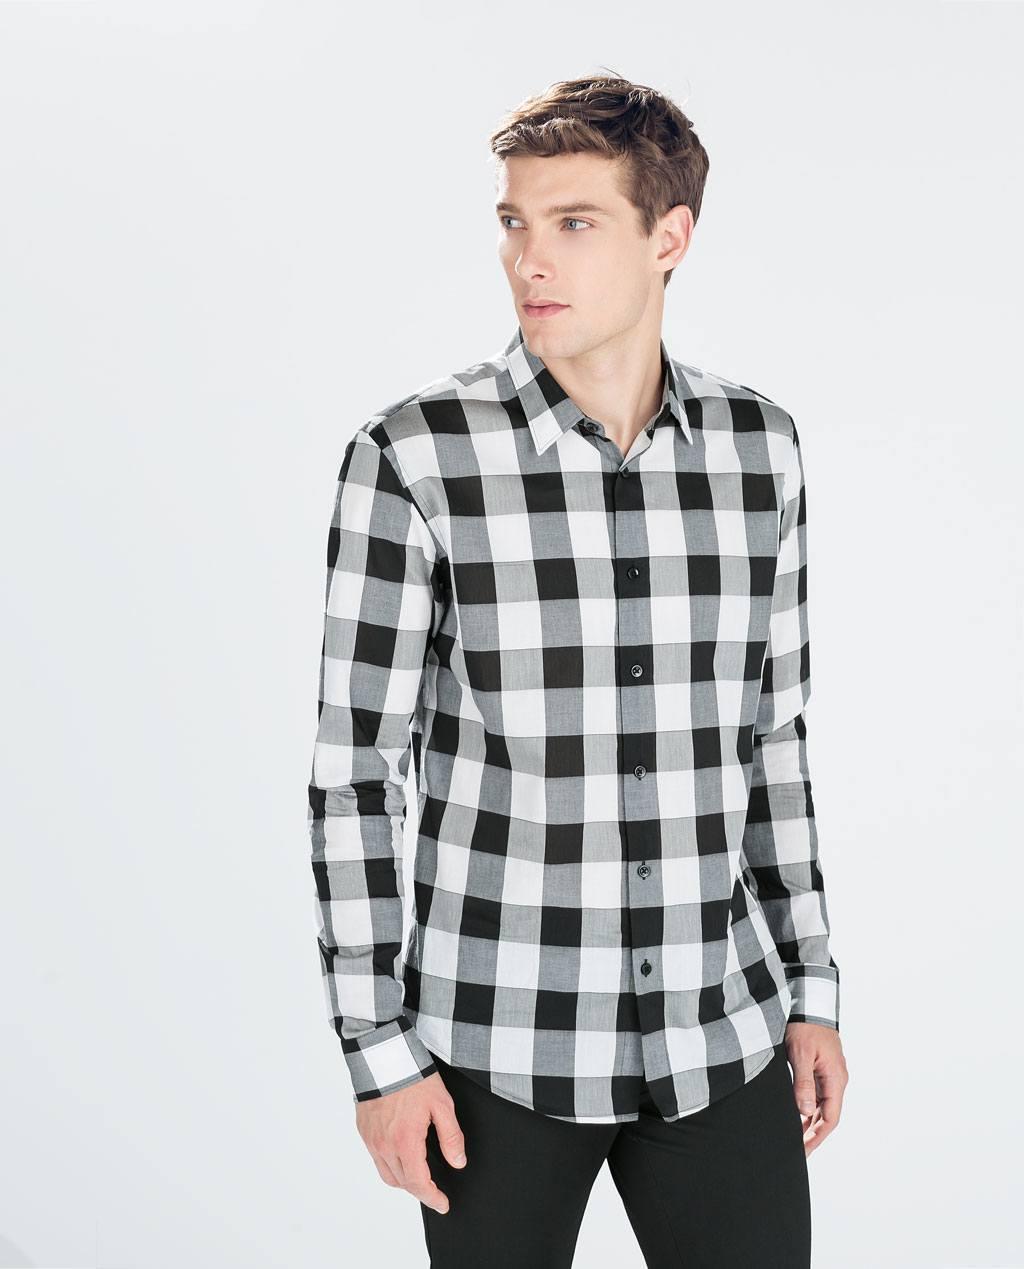 moda-camisas-hombre-otono-invierno-2015-2016-tendencias-camisa-cuadros-zara